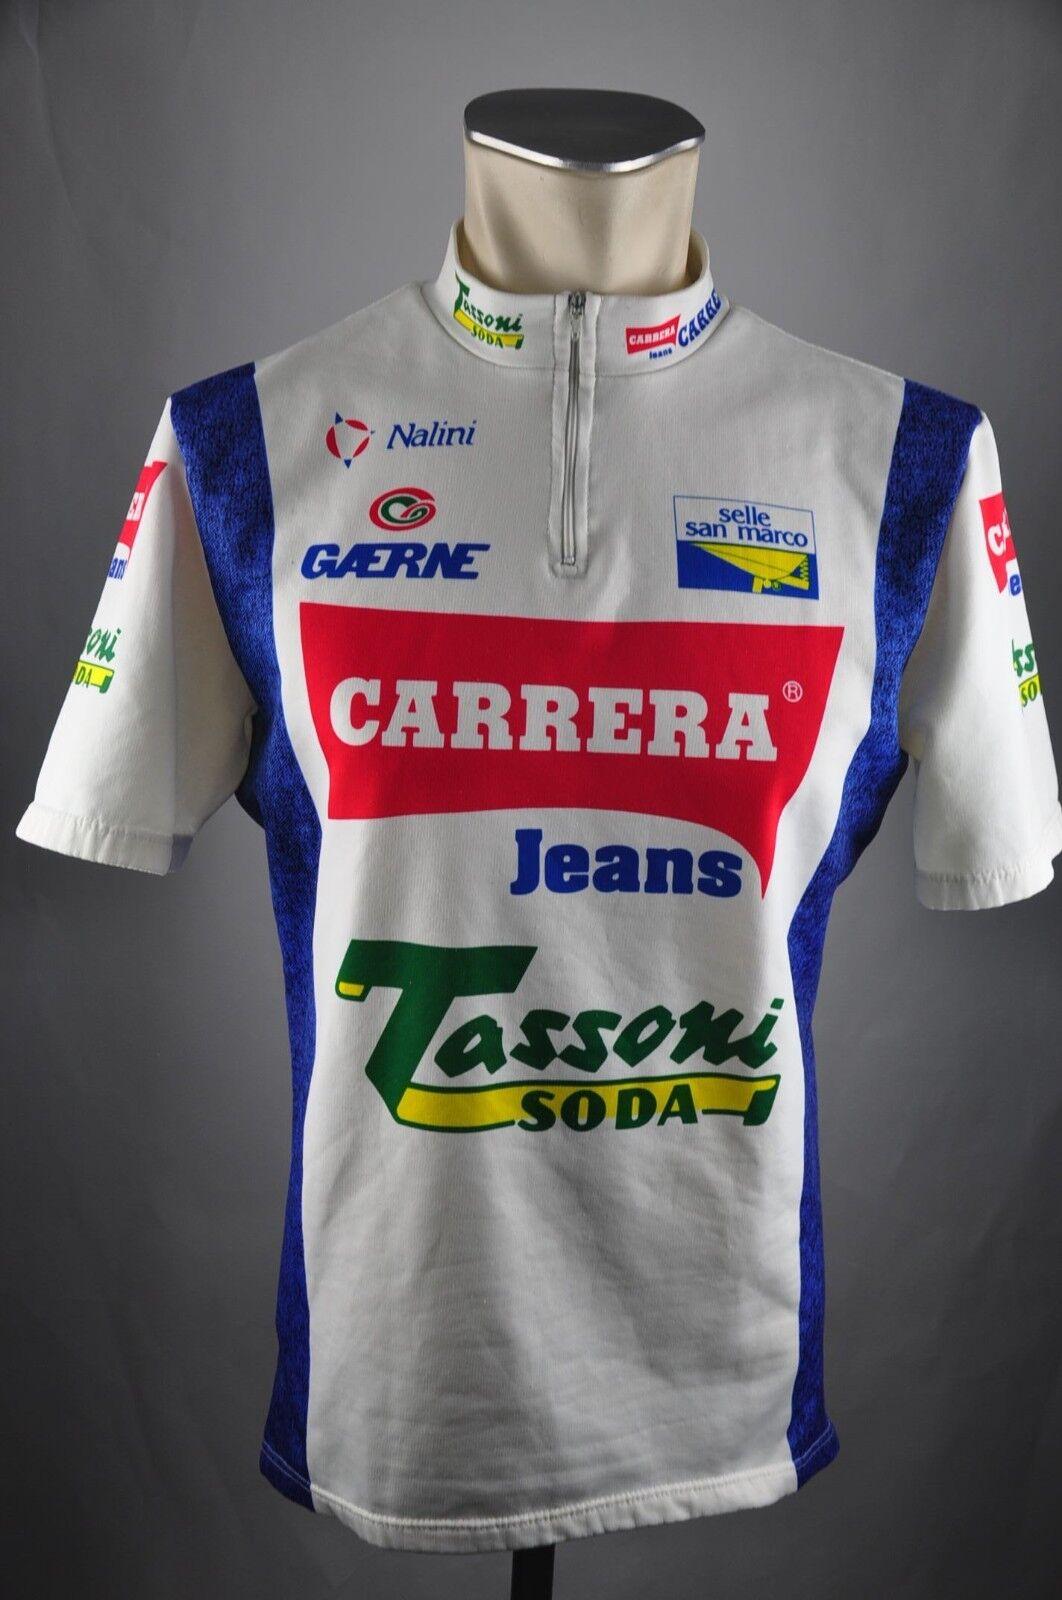 Carrera Jeans Tassoni Rad Trikot Gr. 5 BW 54cm Bike cycling jersey Shirt FZ1